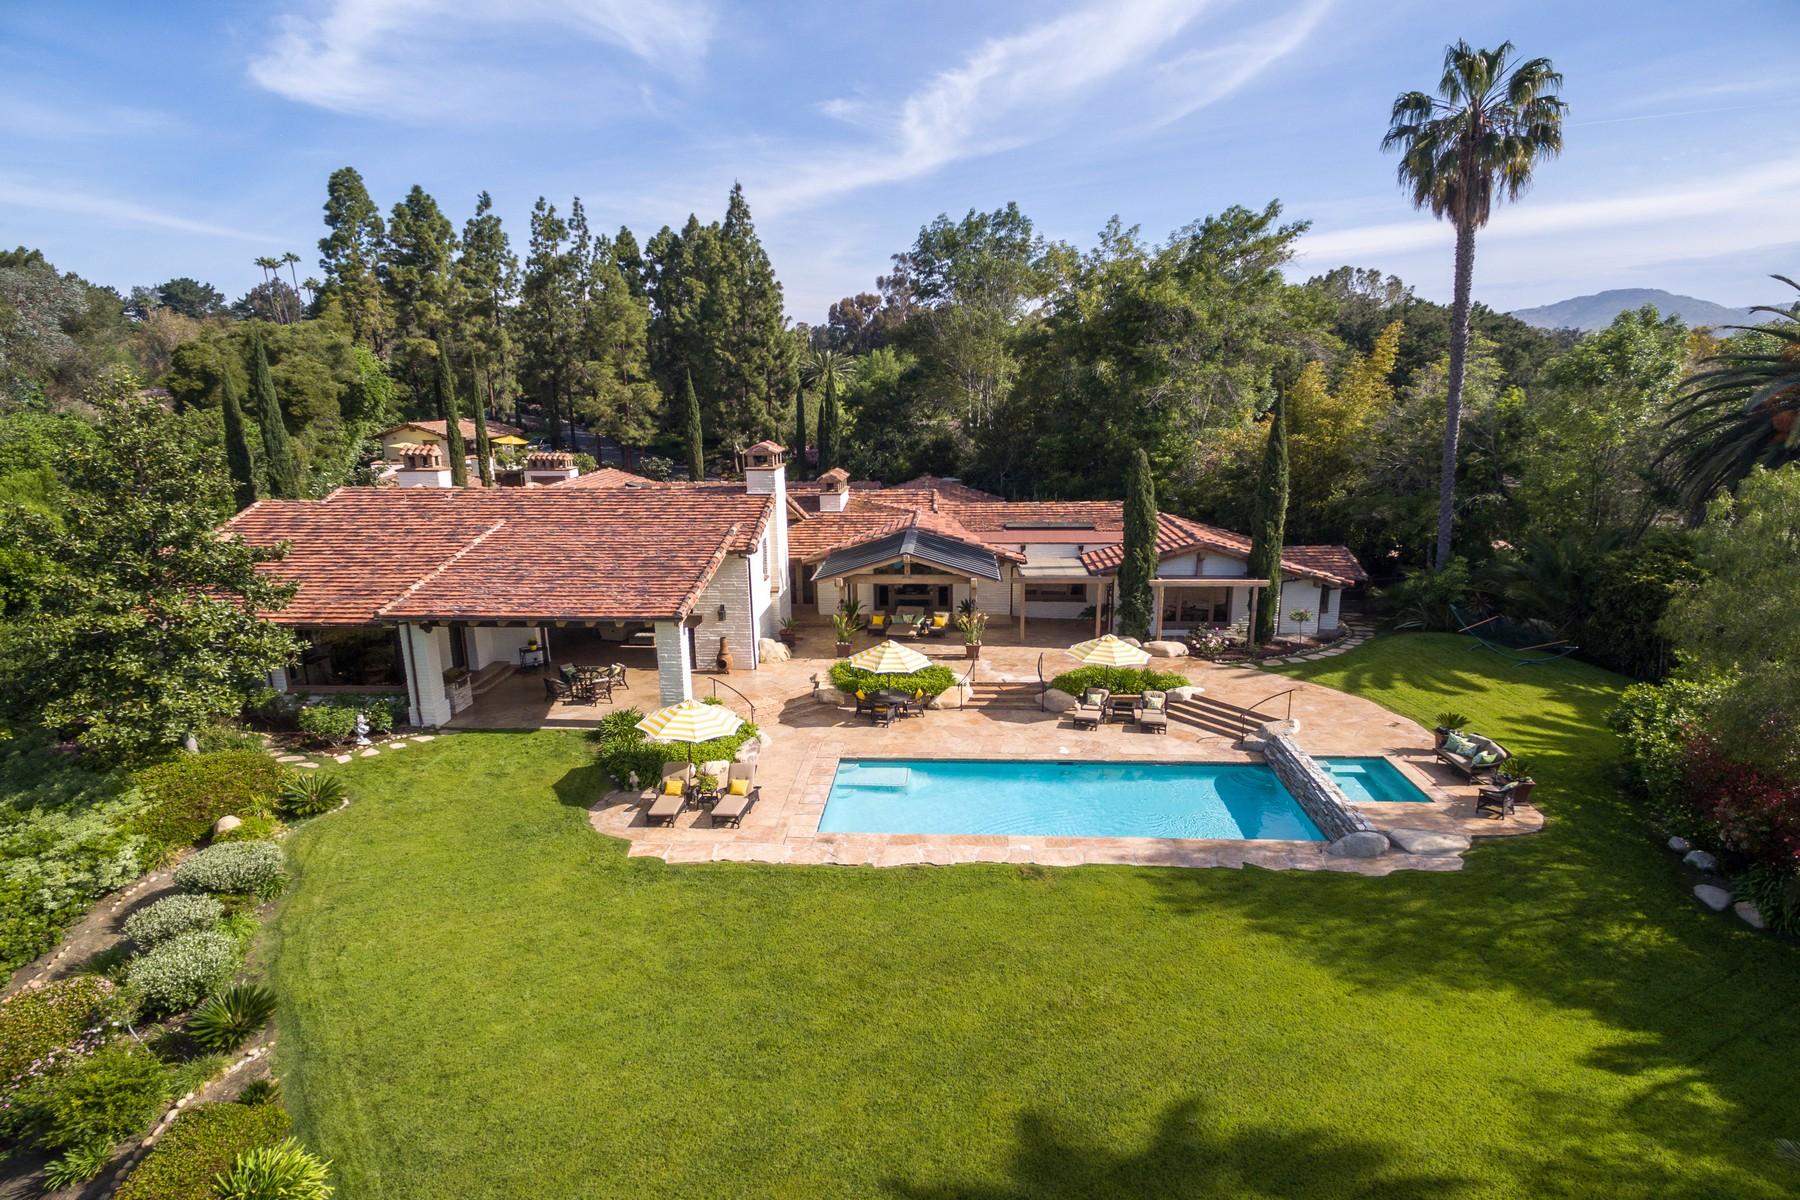 Propriété à vendre Rancho Santa Fe